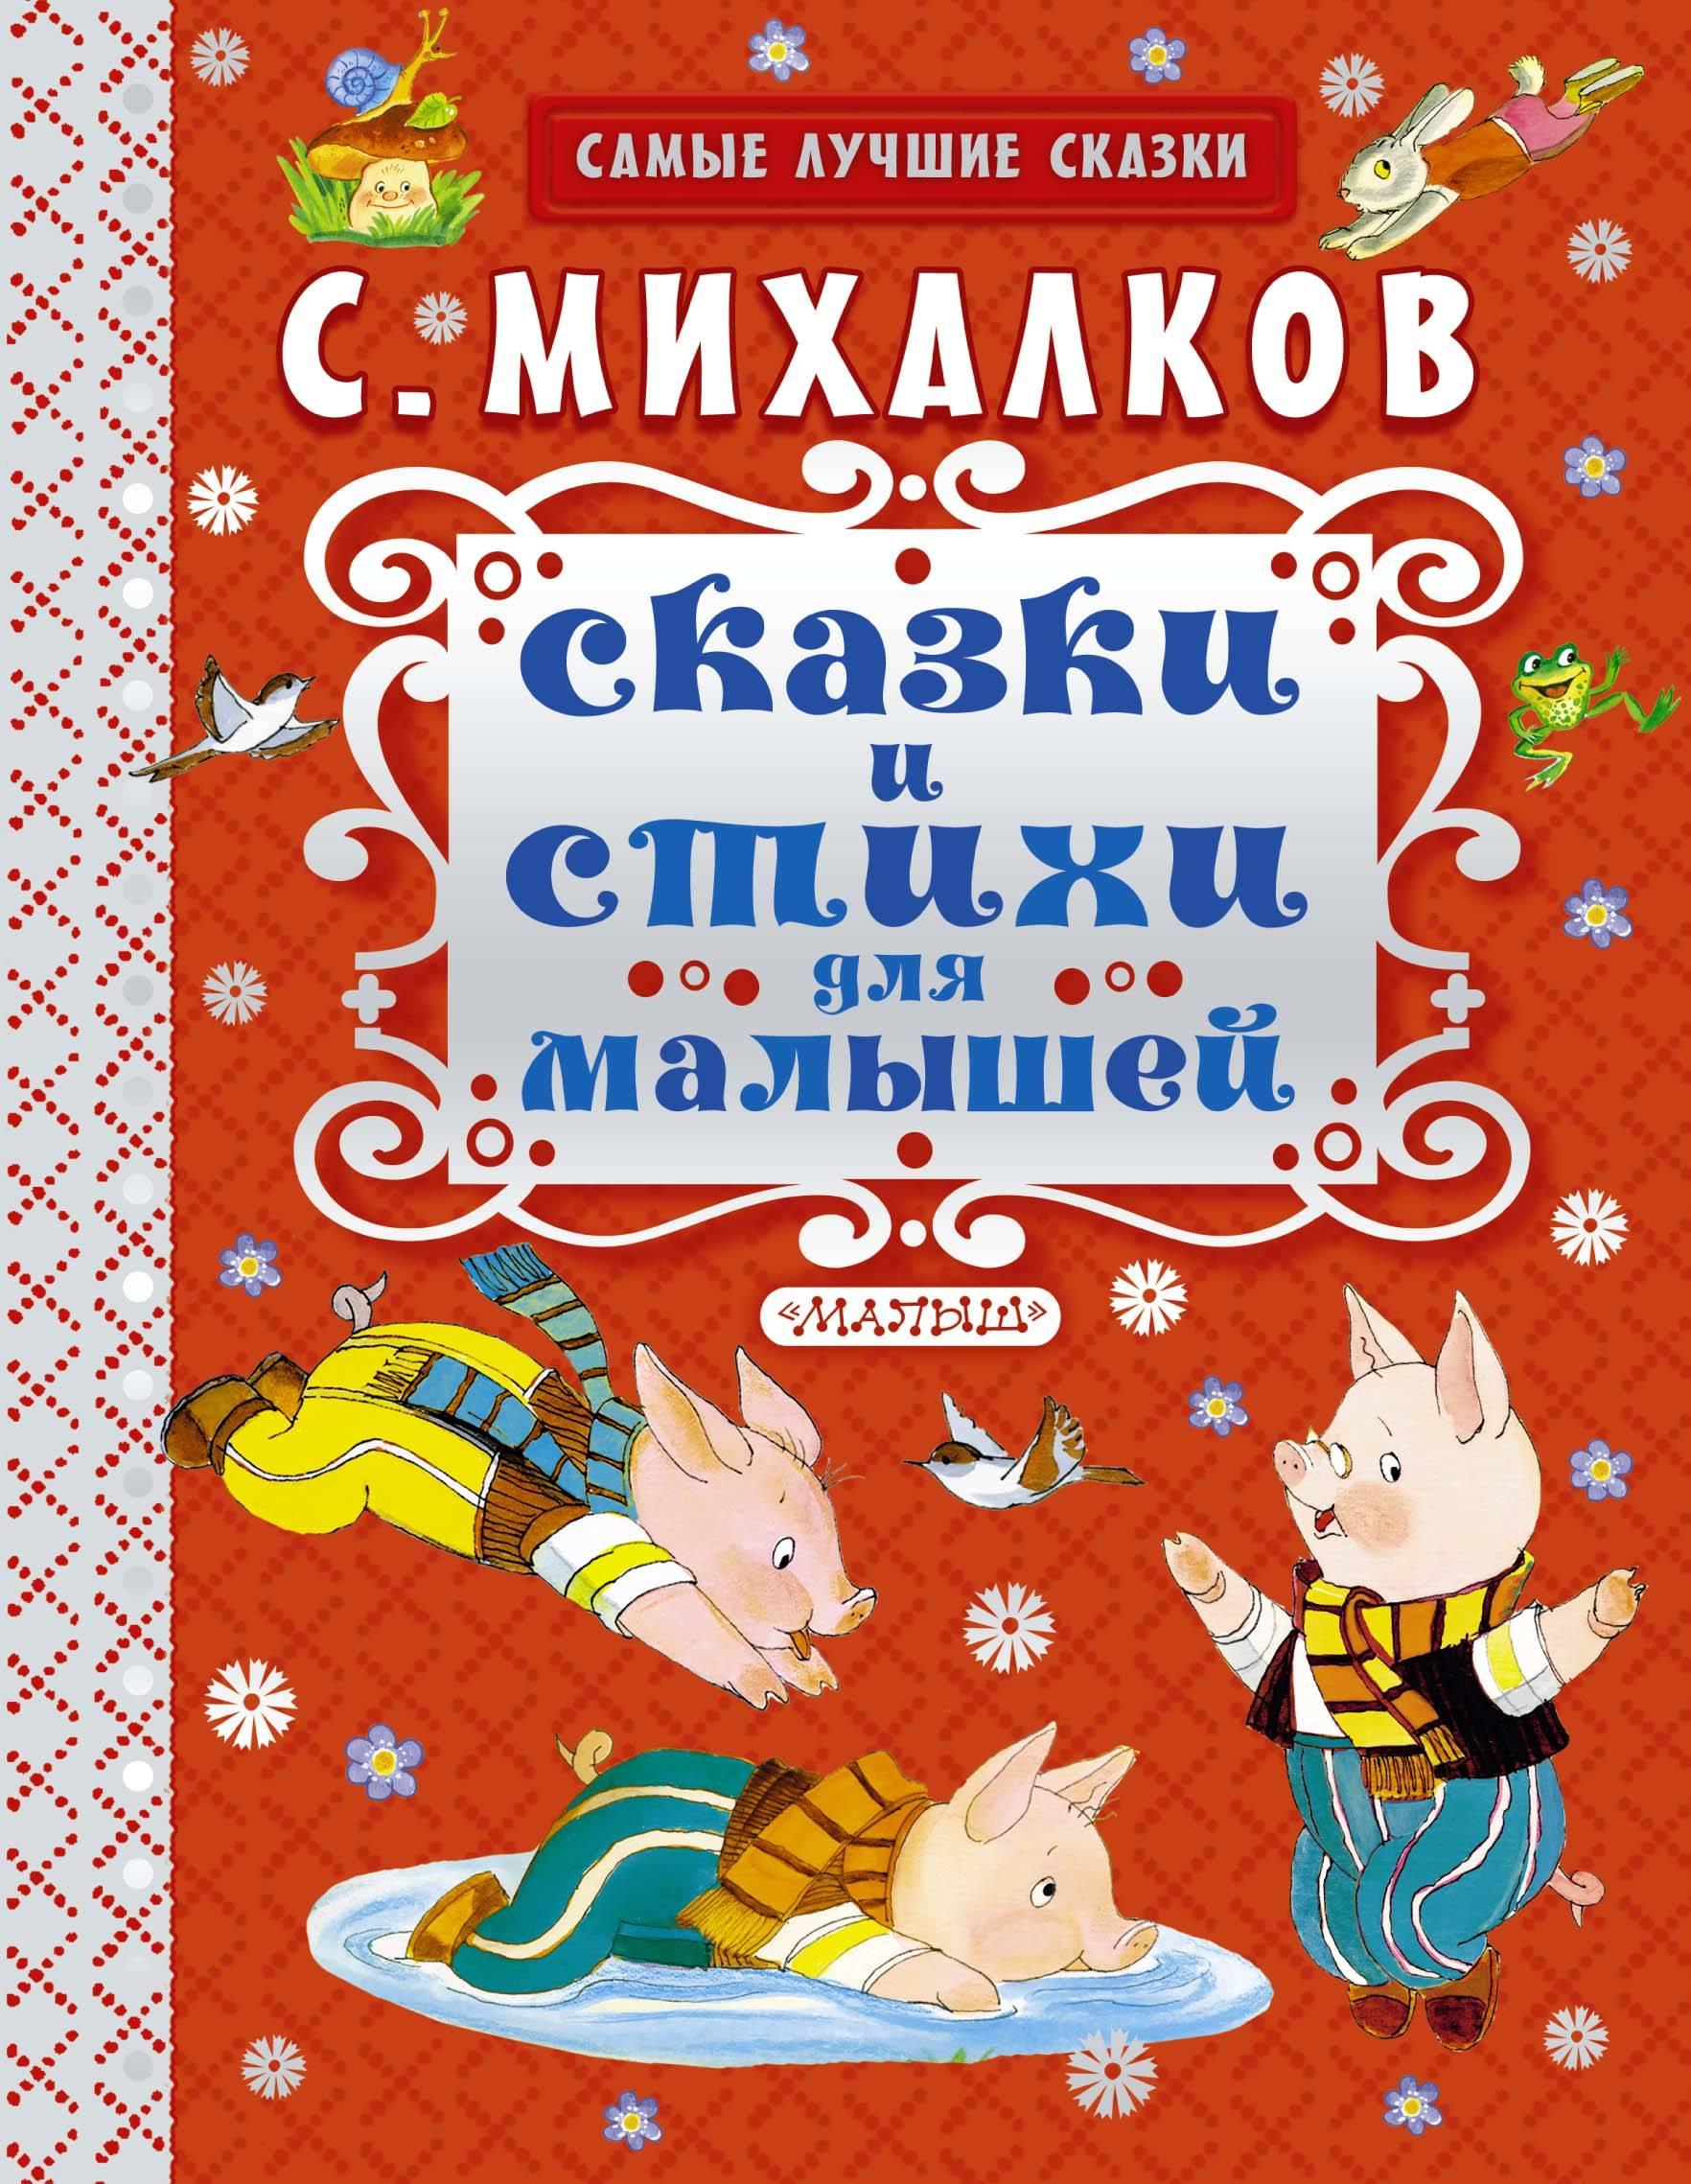 Михалков С.В. Сказки и стихи для малышей сказки и басни сергея михалкова